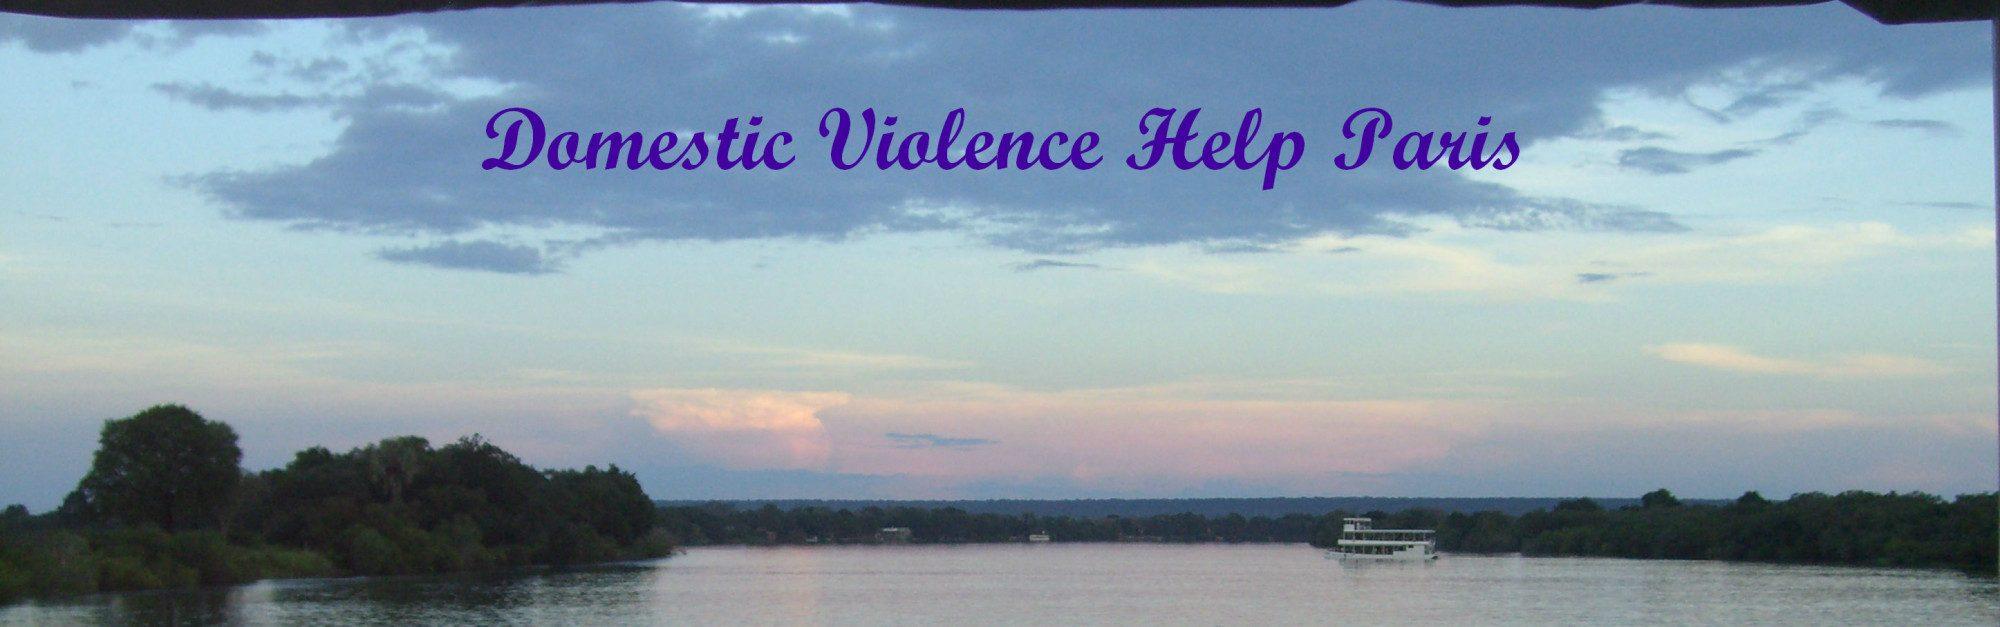 Domestic Violence Help Paris